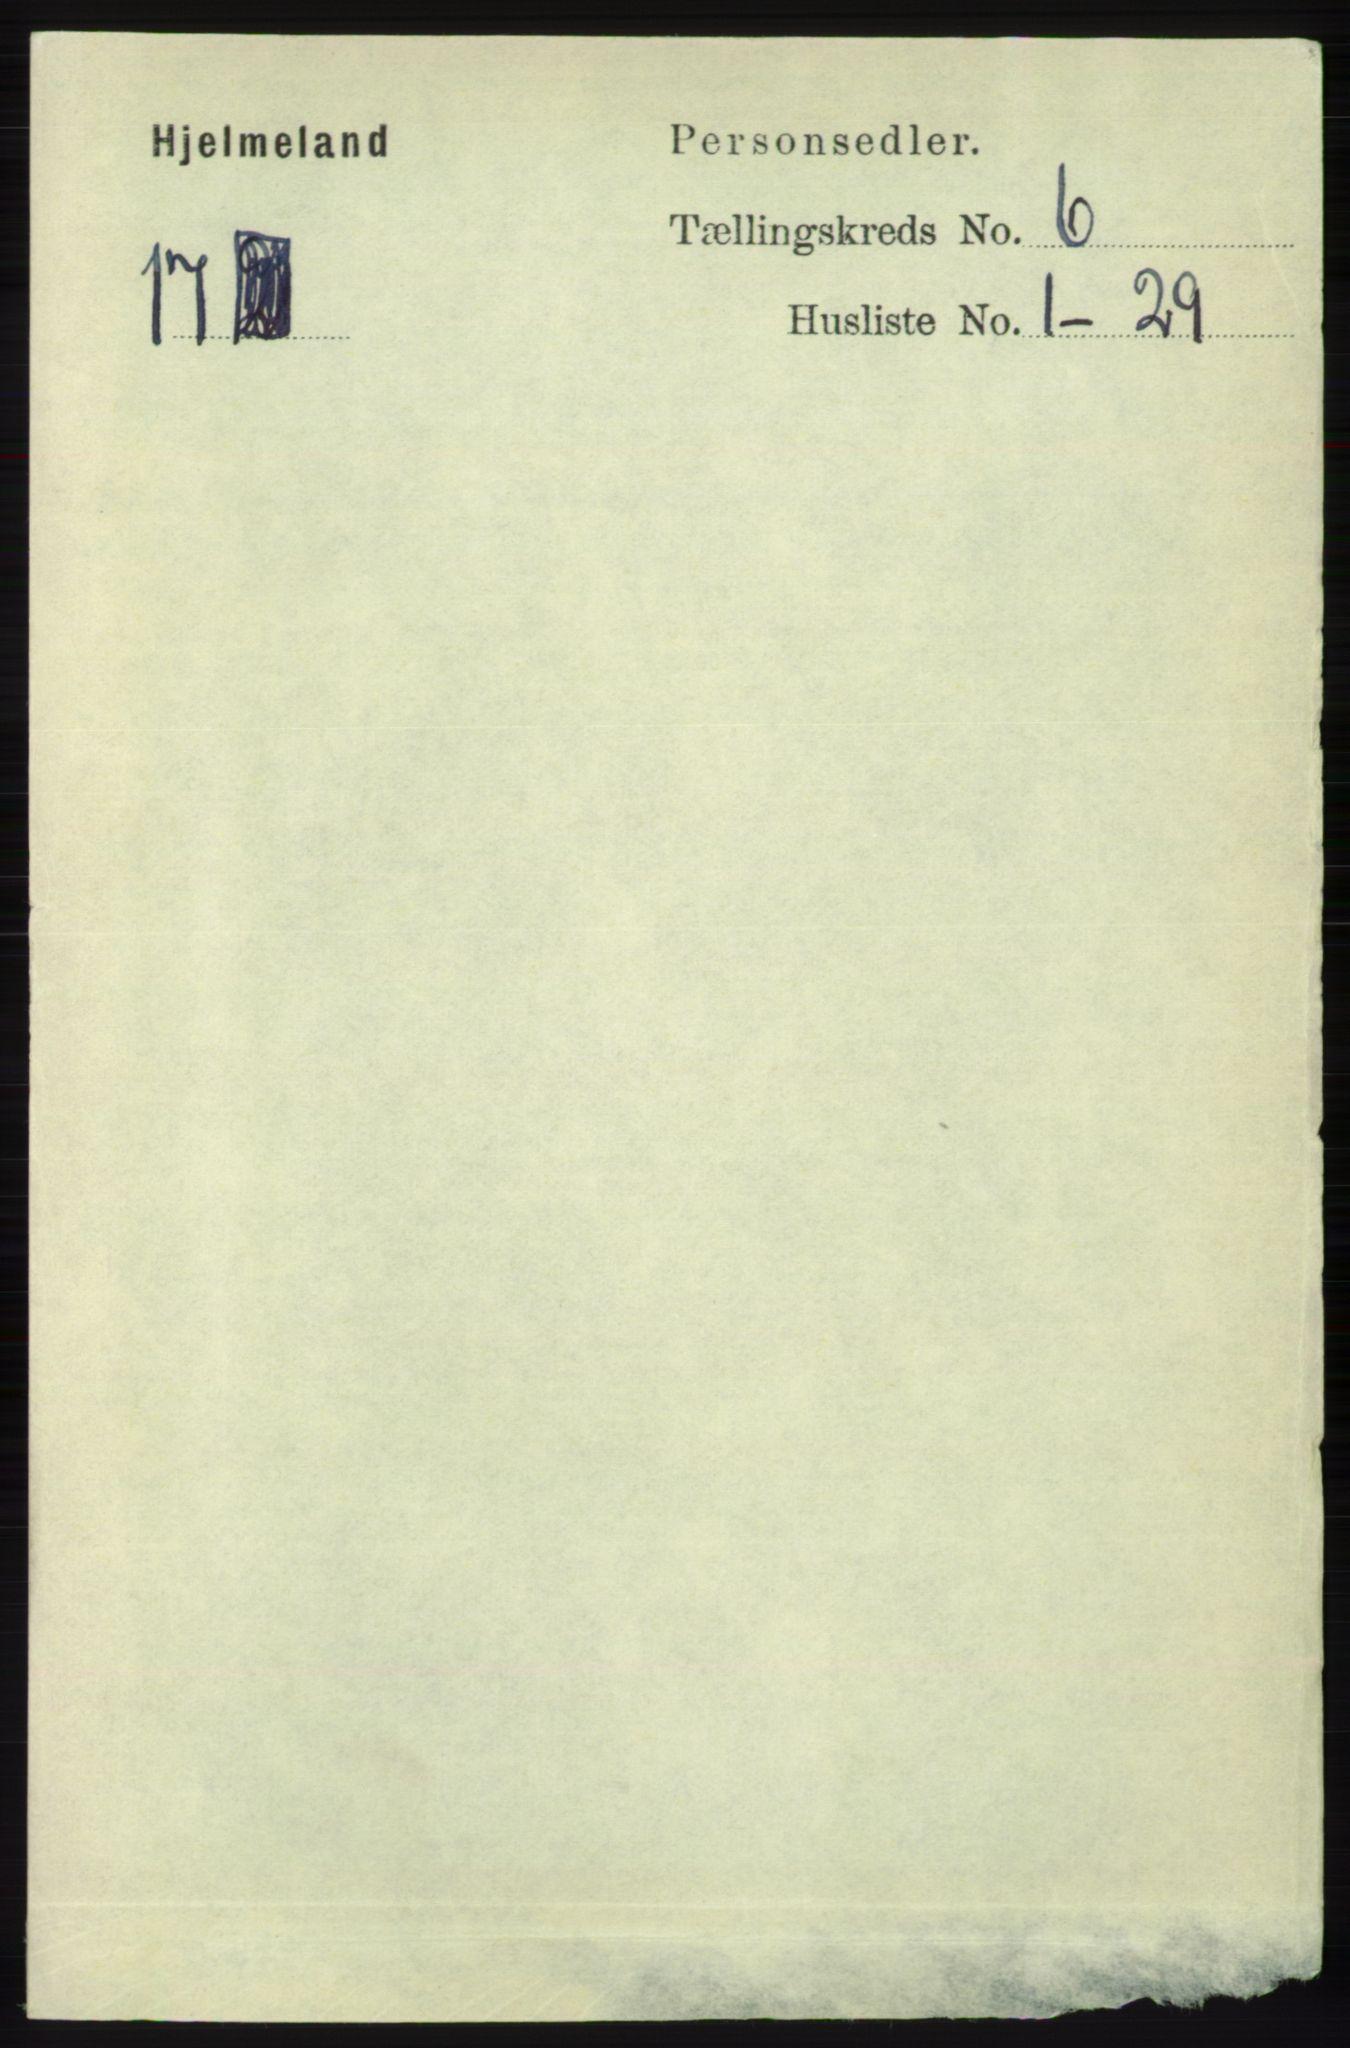 RA, Folketelling 1891 for 1133 Hjelmeland herred, 1891, s. 1555